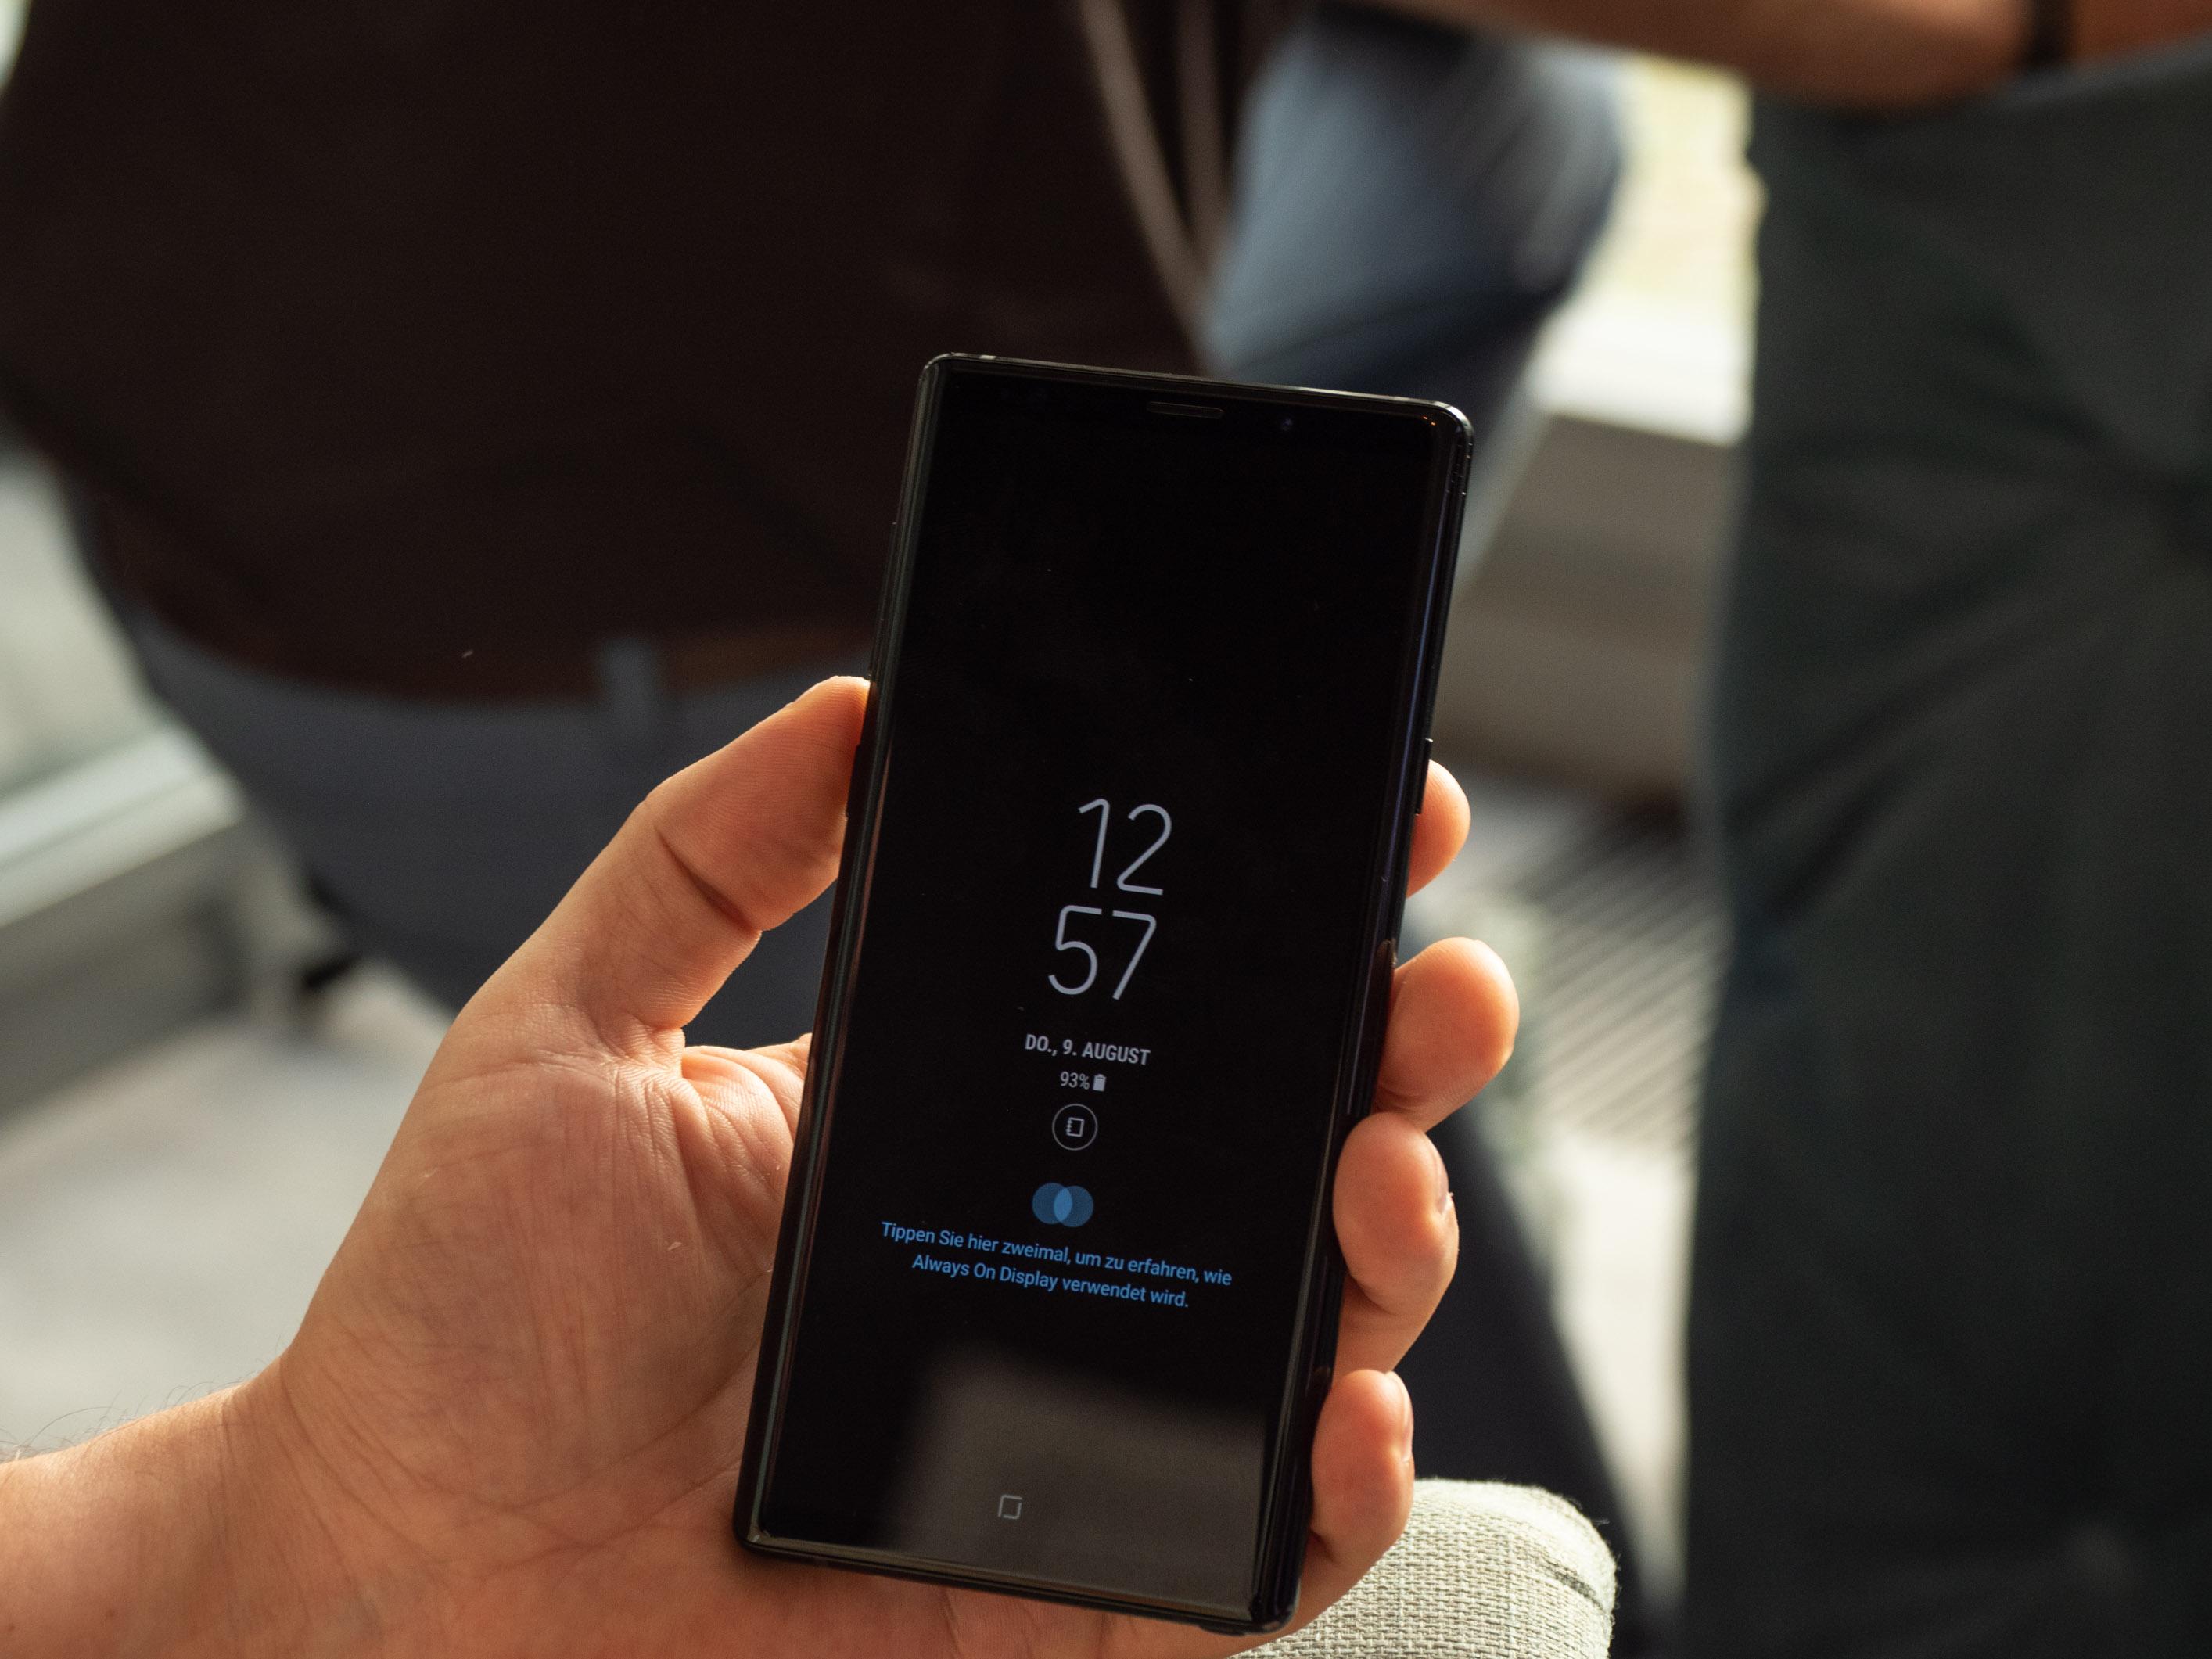 Galaxy Note 9 im Hands On: Neues Note kommt mit großem Akku und viel Speicherplatz -